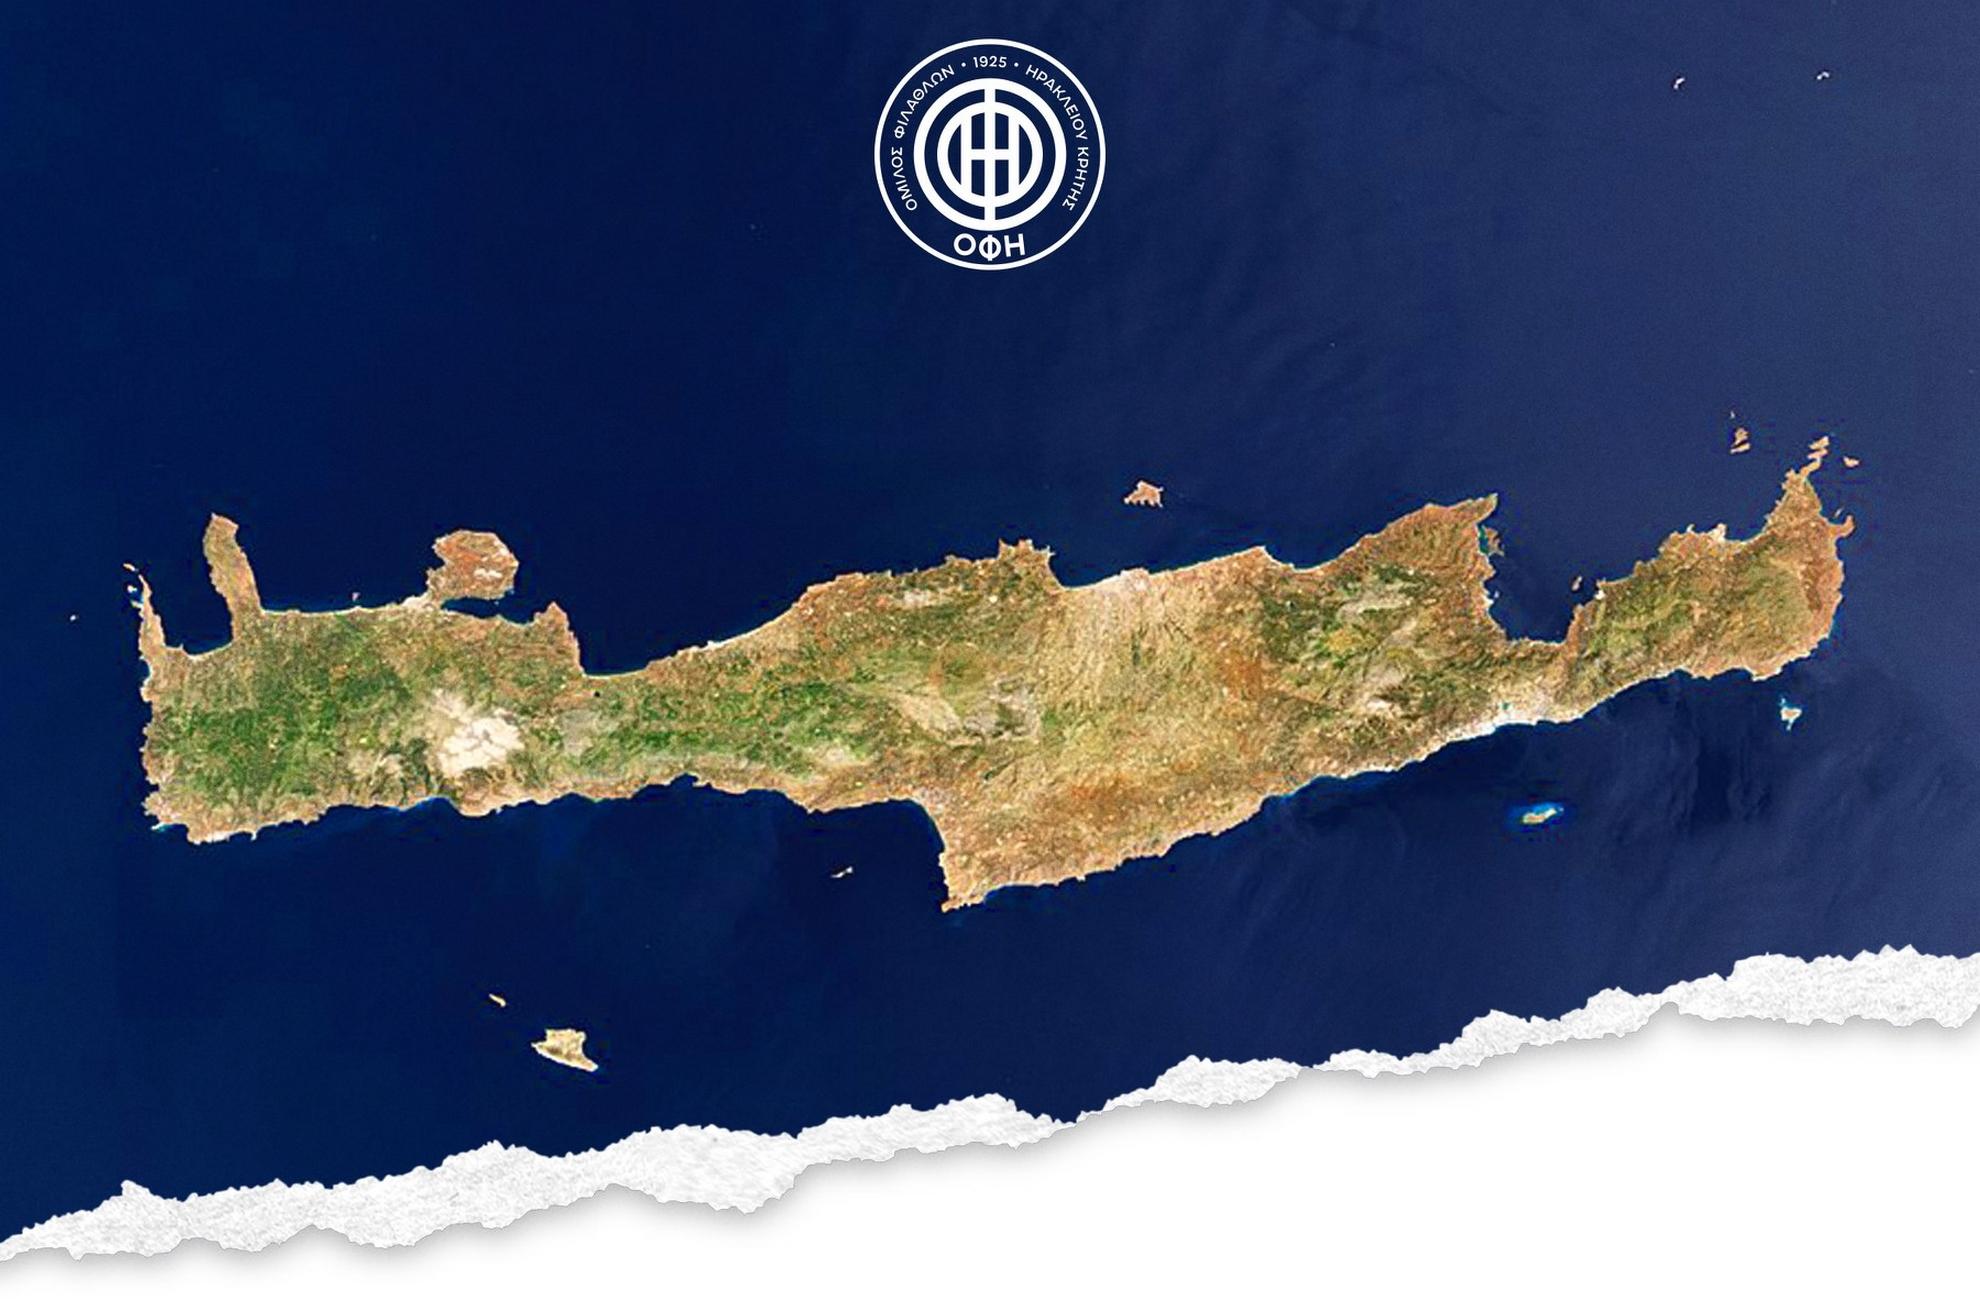 Σεισμός στην Κρήτη: «Μείνε δυνατή» το μήνυμα του ΟΦΗ